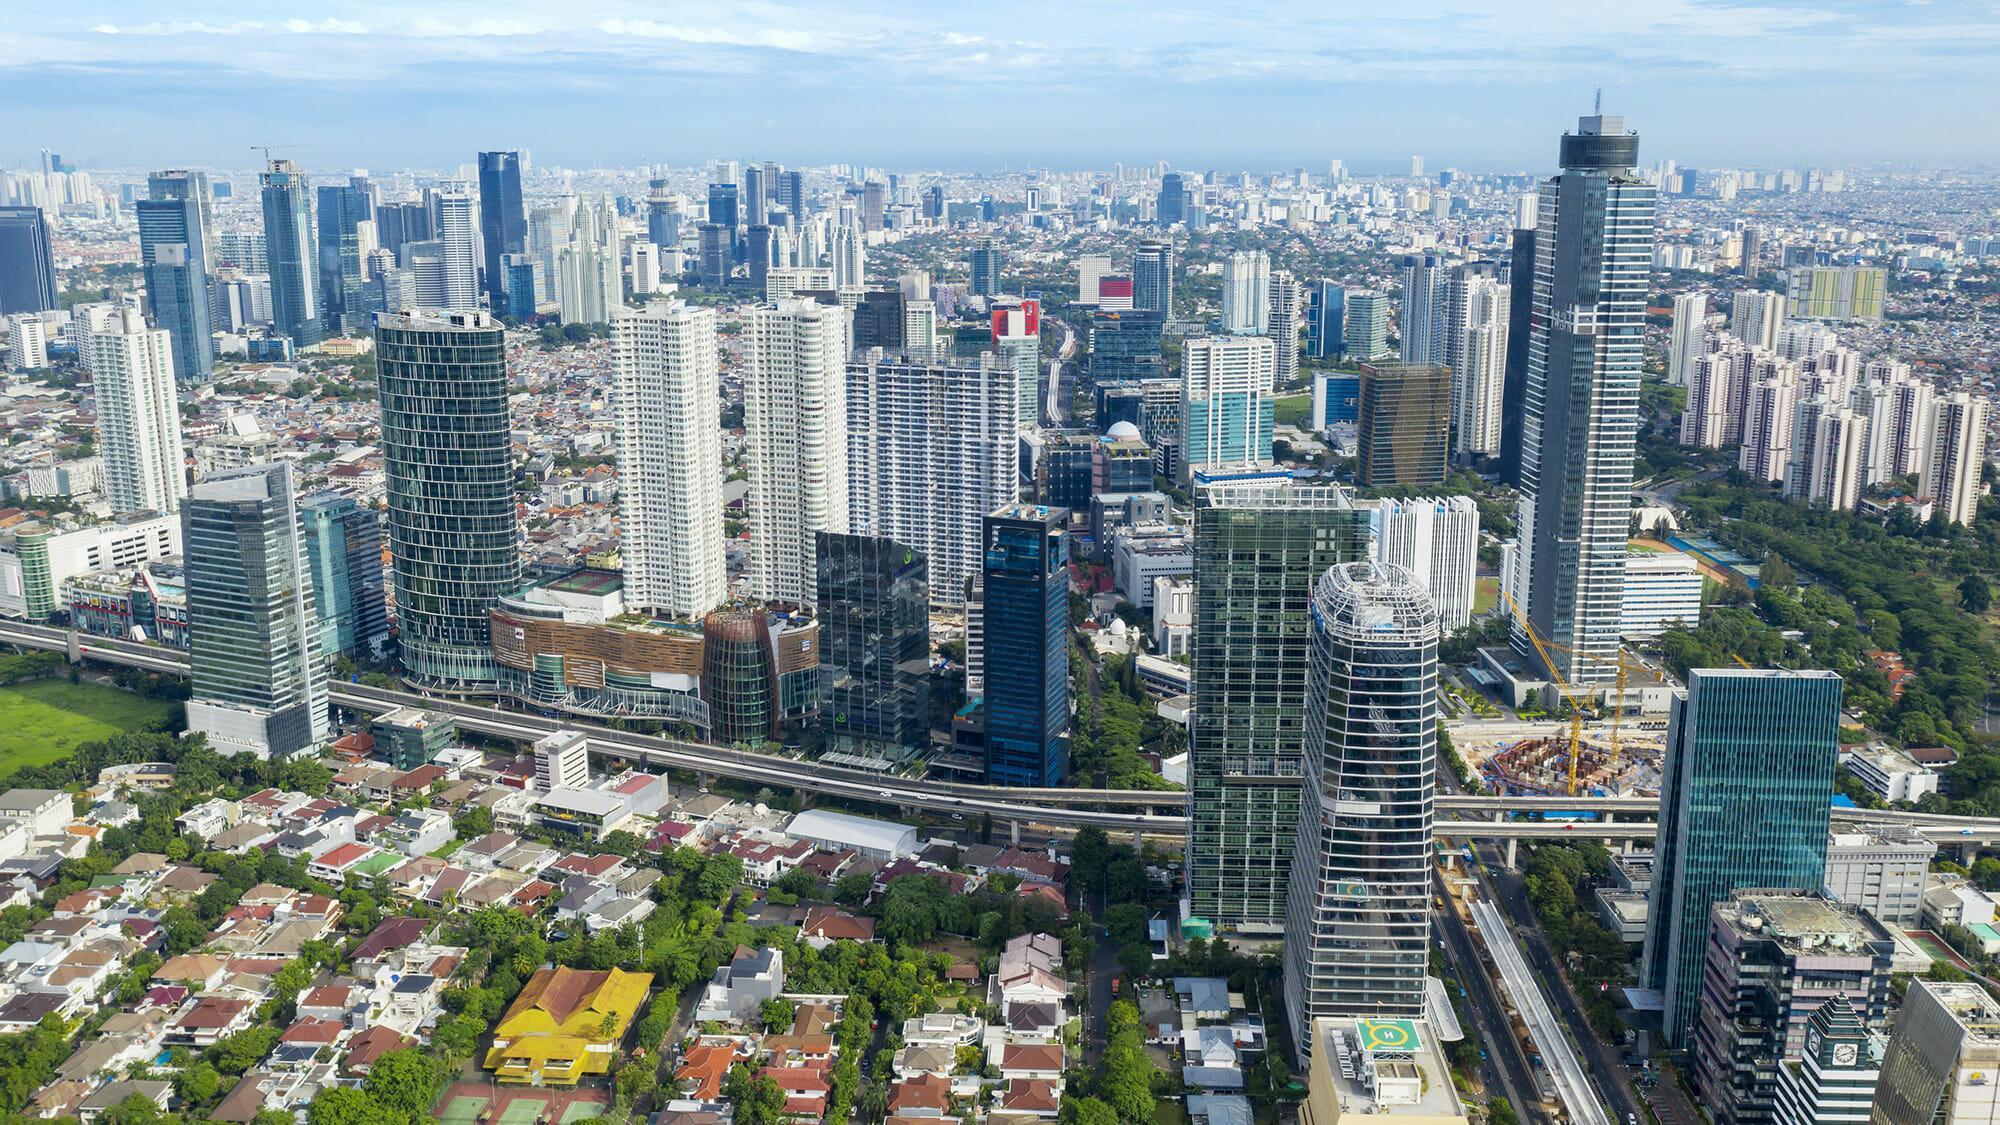 Jakarta_image